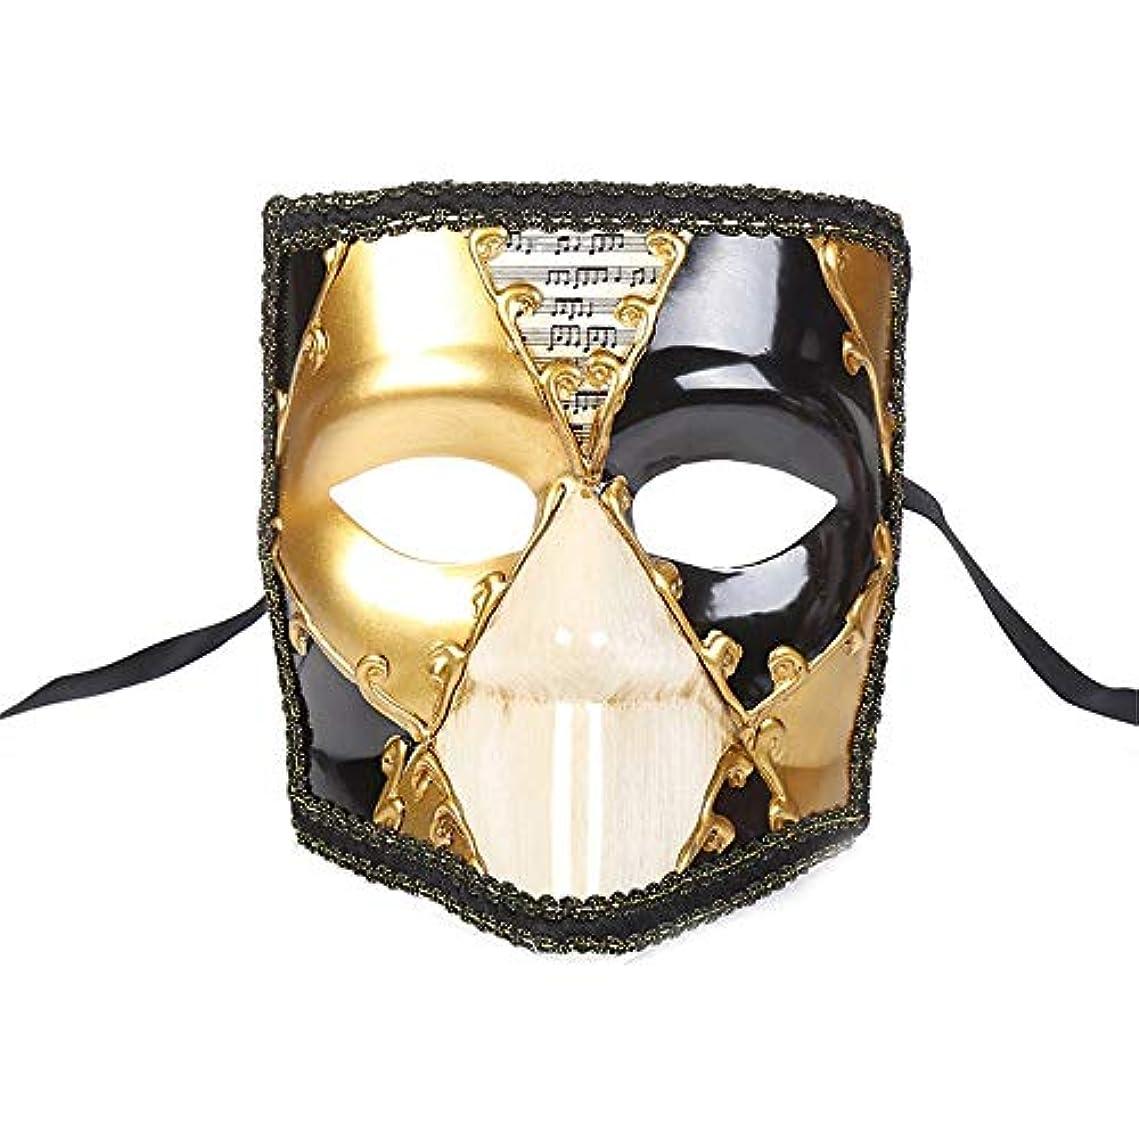 乱用直径溶岩ダンスマスク ピエロマスクヴィンテージマスカレードショーデコレーションコスプレナイトクラブプラスチック厚いマスク パーティーマスク (色 : 黄, サイズ : 18x15cm)